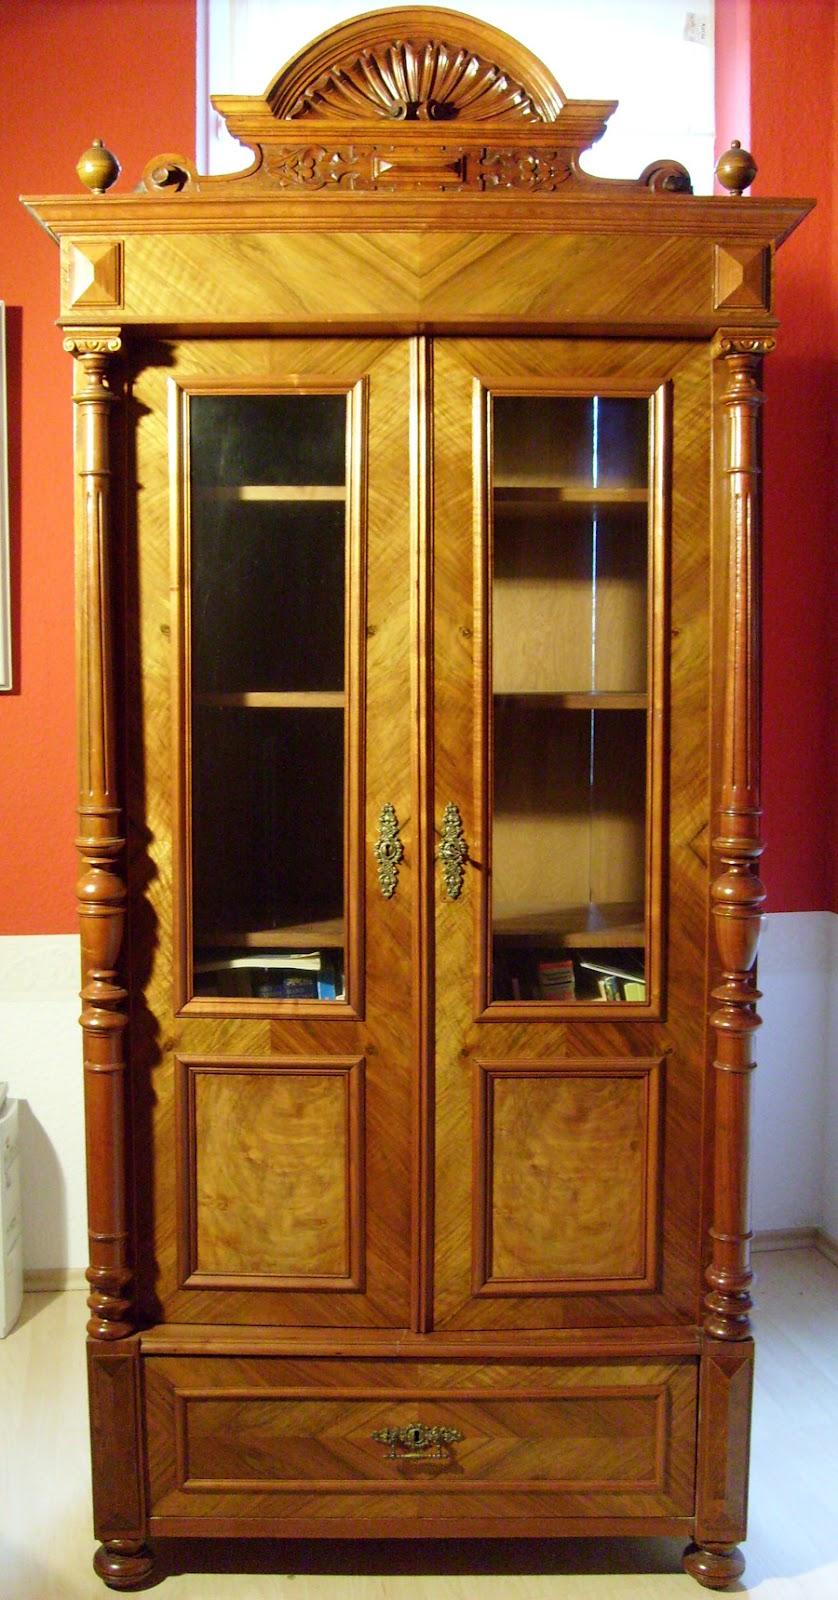 Cupboard furniture designs an interior design for Furniture design